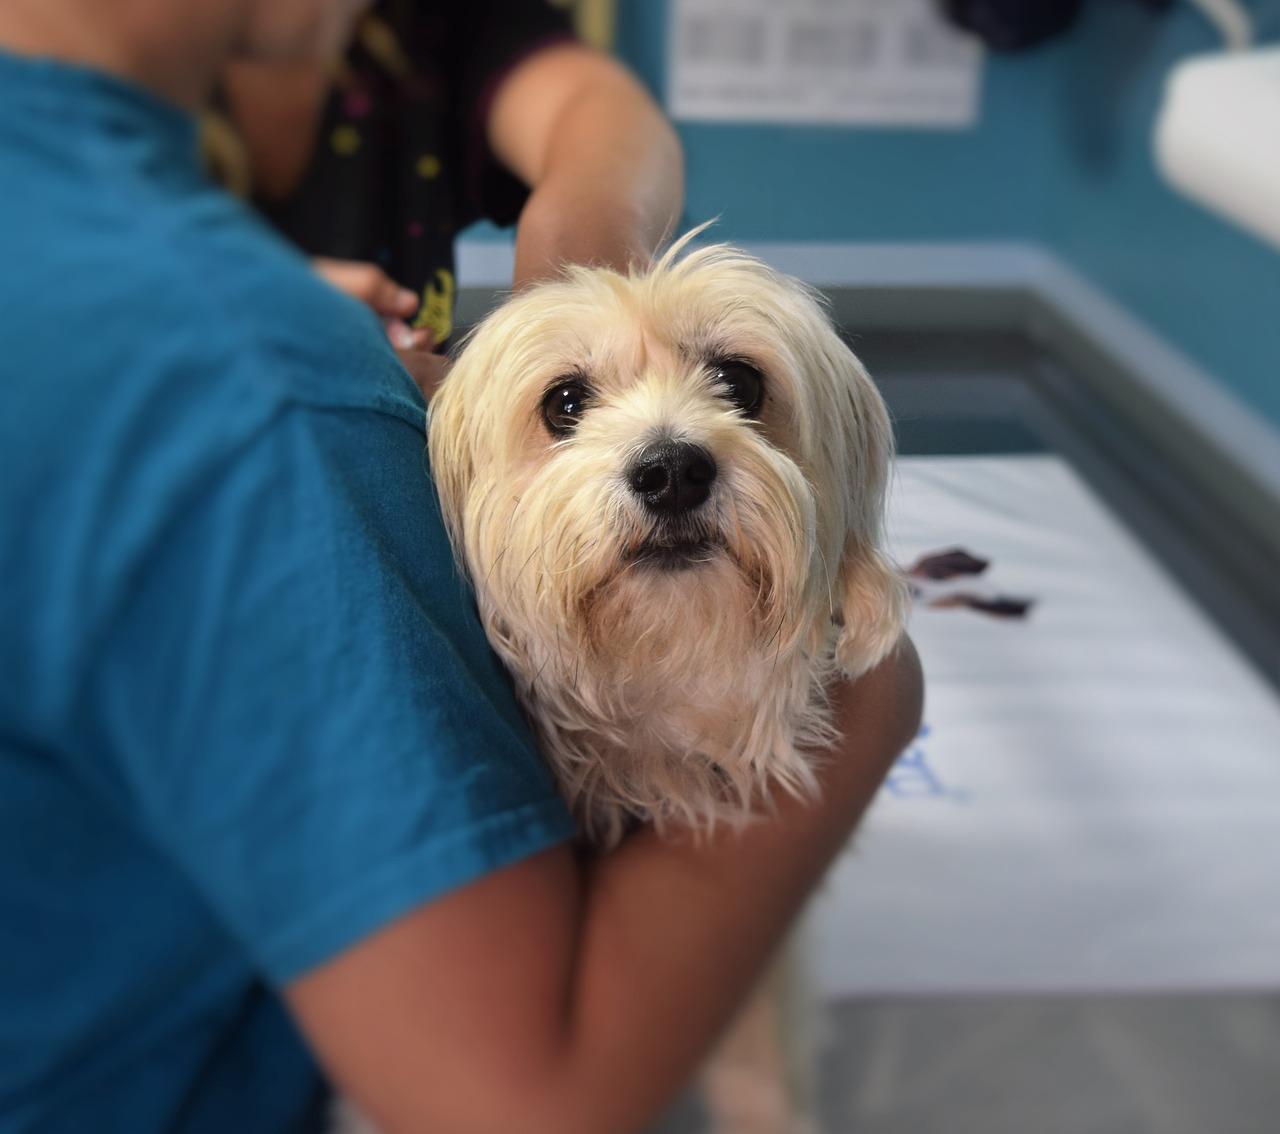 Få hjælp til din hund eller din kar på en professionel dyreklinik